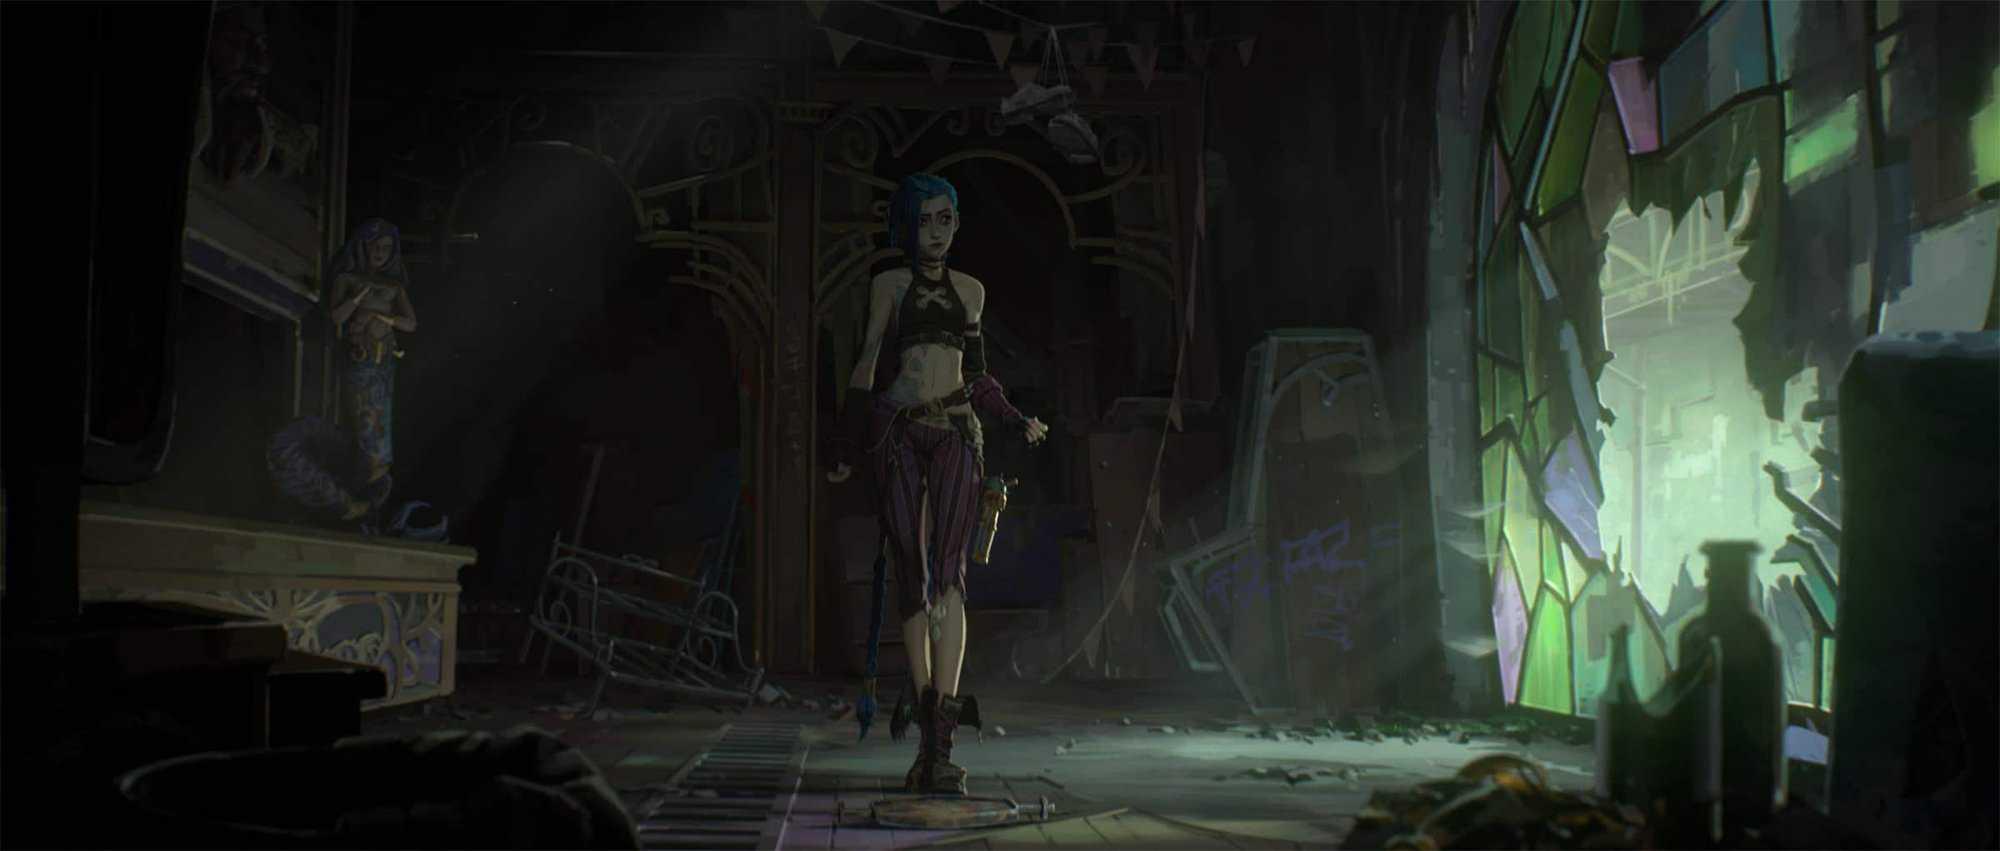 Arcane': animação de 'League of Legends' na Netflix ganha trailer - Olhar  Digital